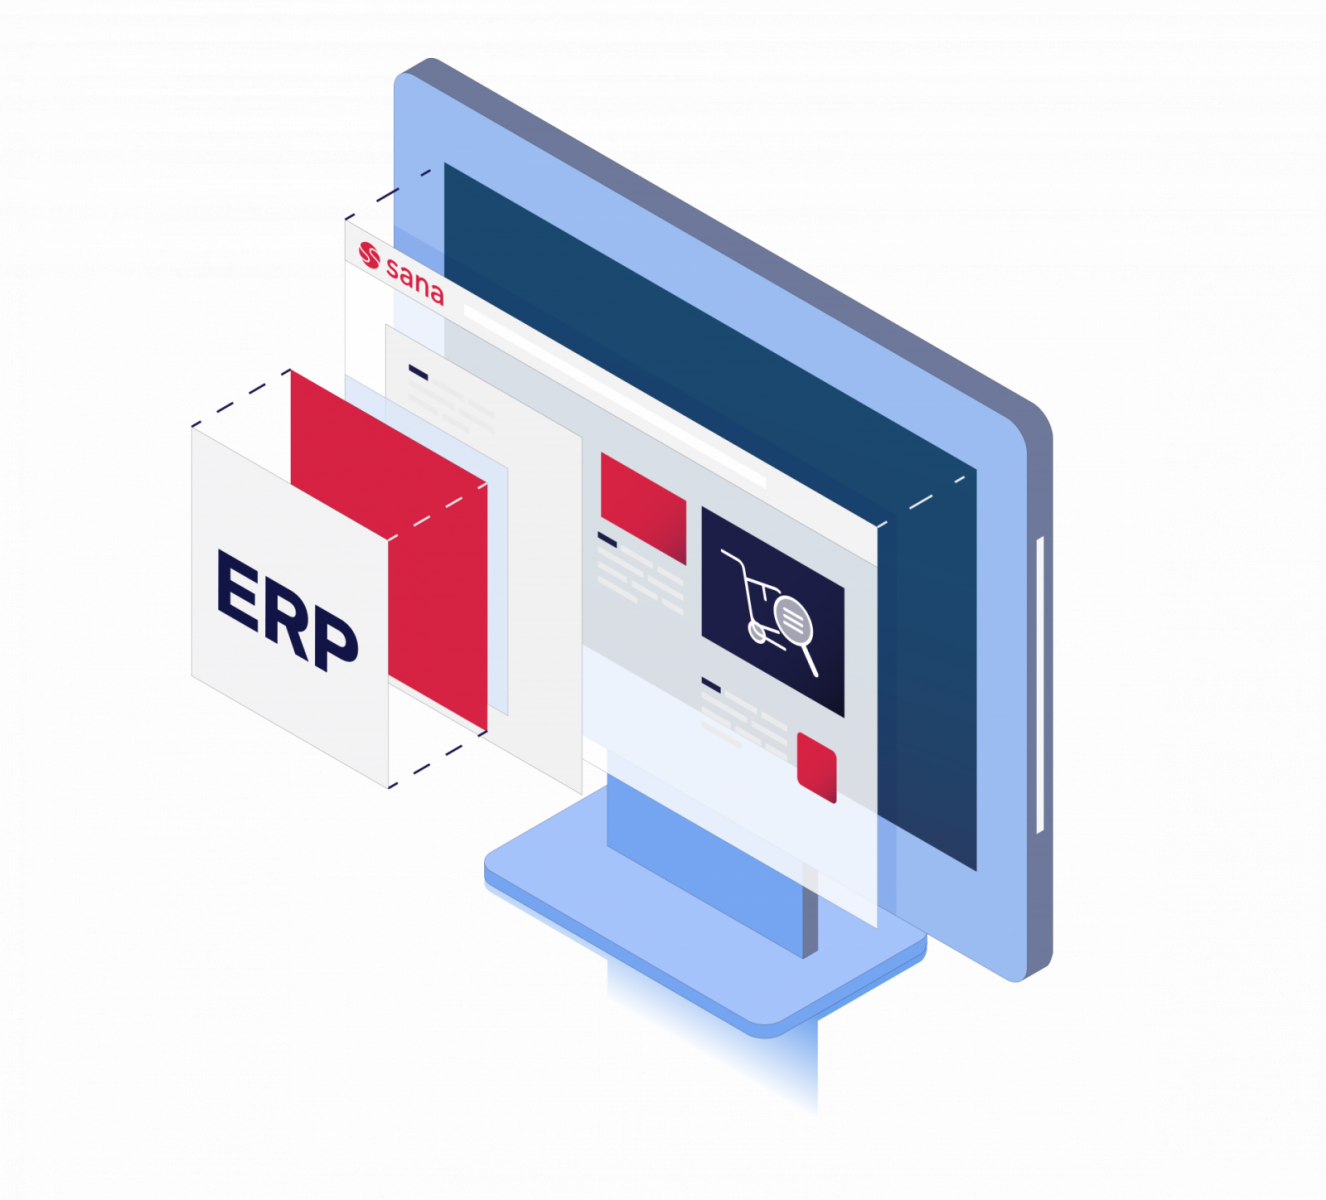 Auftragsabwicklung optimieren Tipp 2: Systeme & Prozesse integrieren – Schnittstellen minimieren